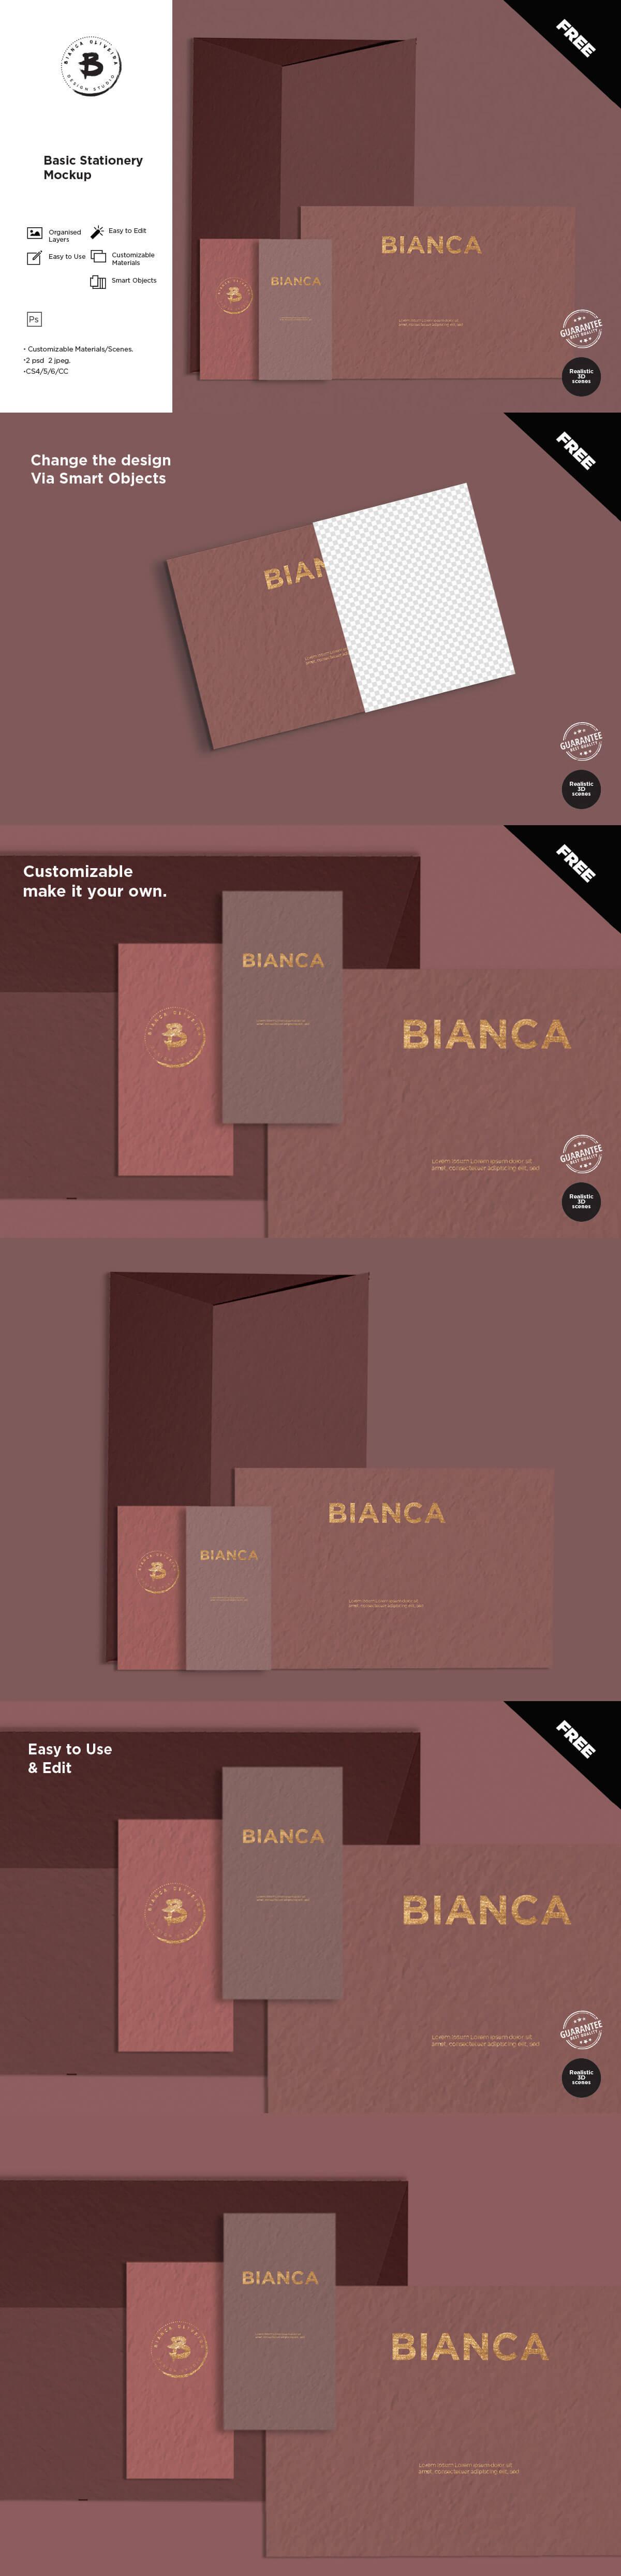 Free Basic Stationery Mockup